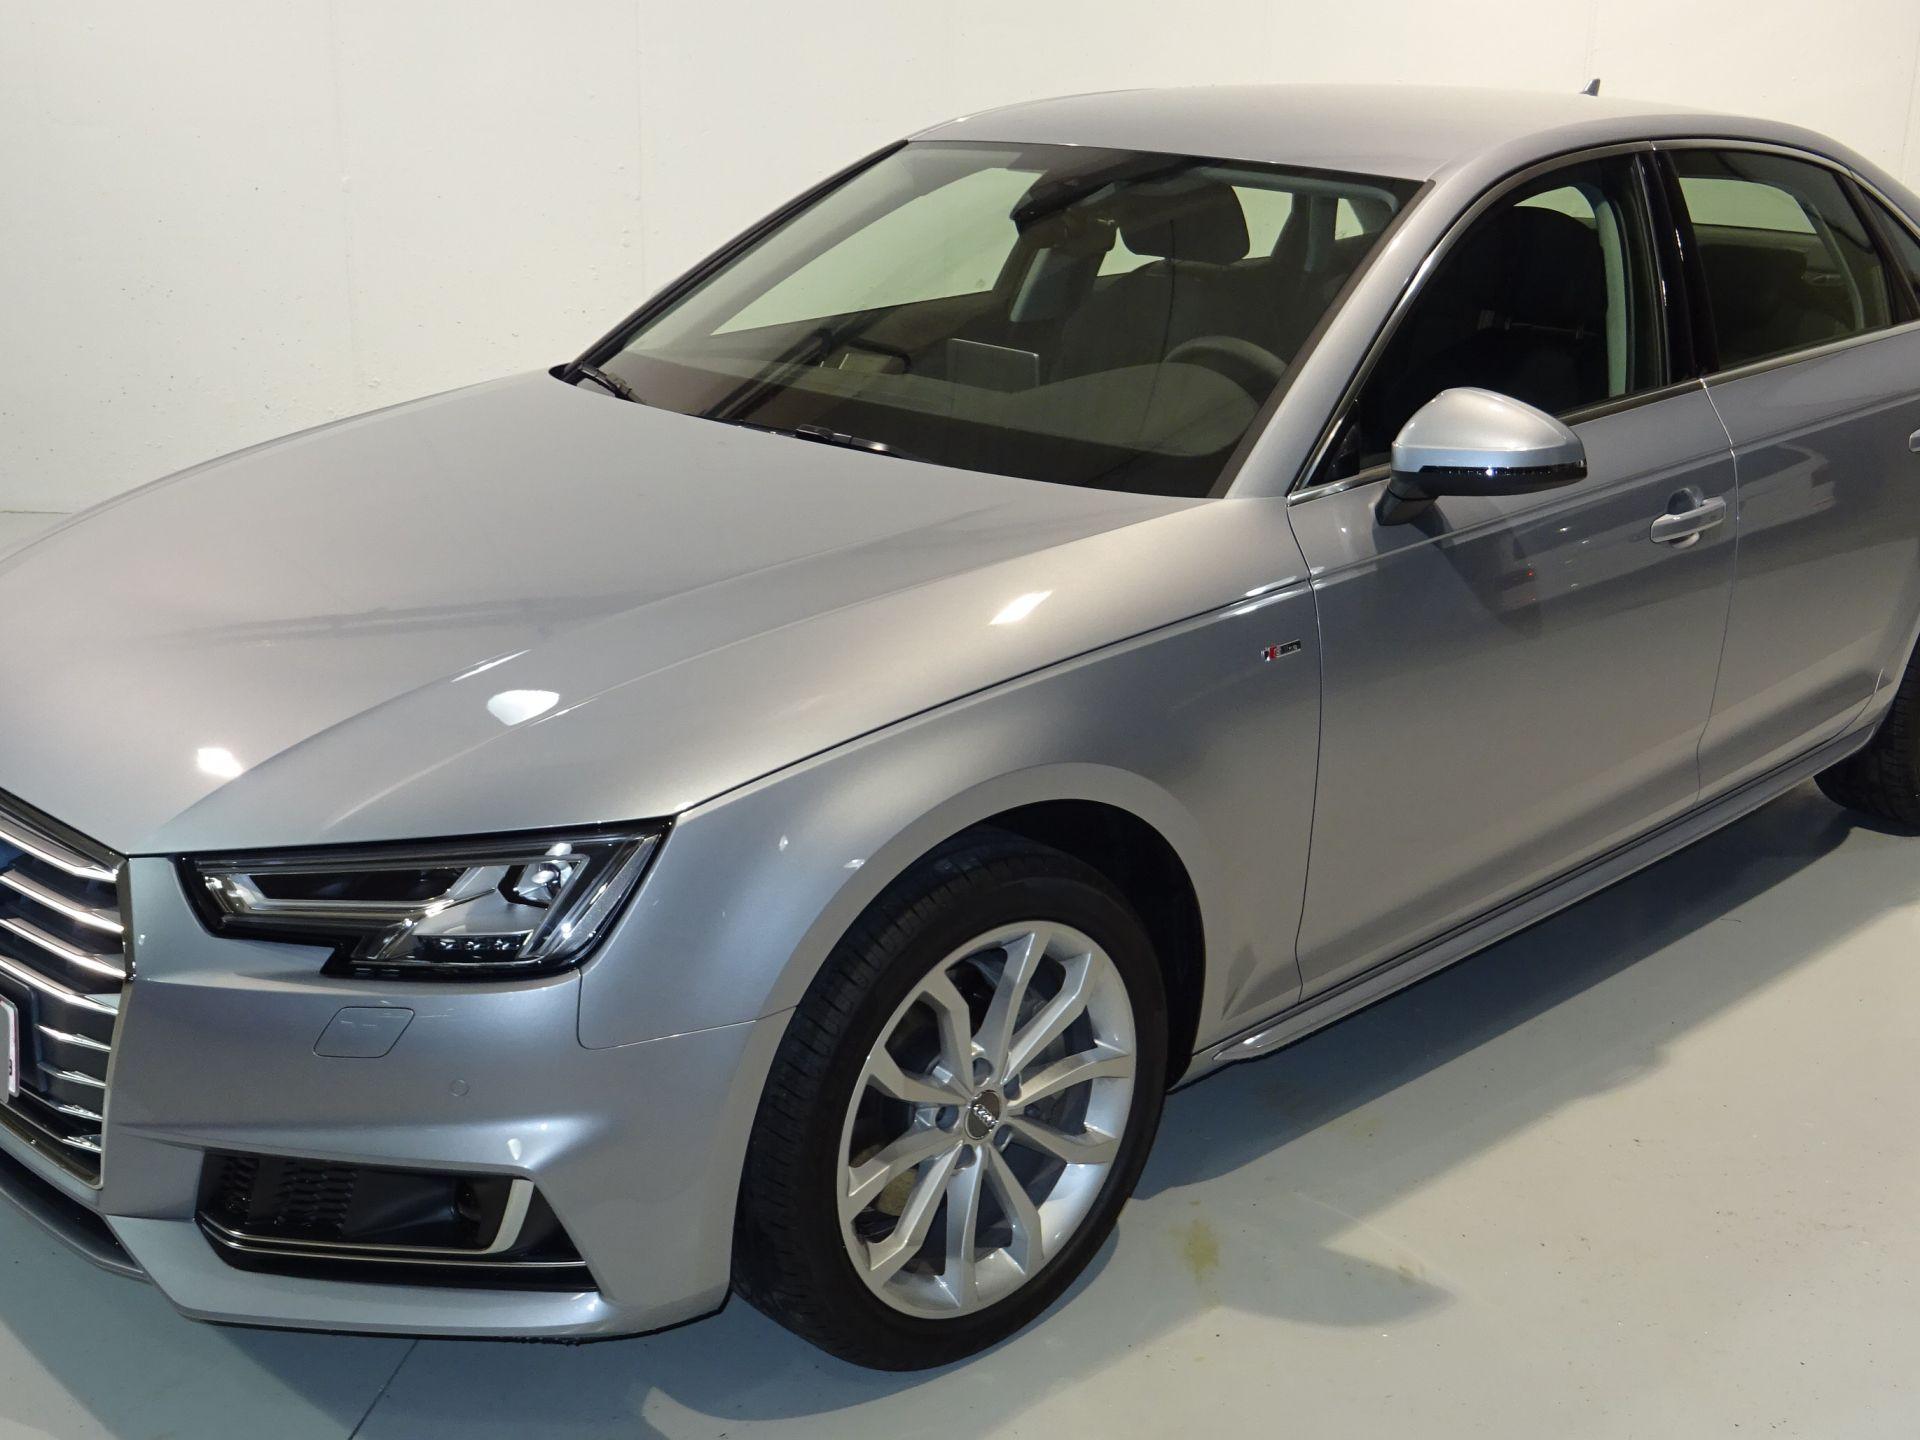 Audi A4 S line ed 2.0 TDI 140kW (190CV) S tronic